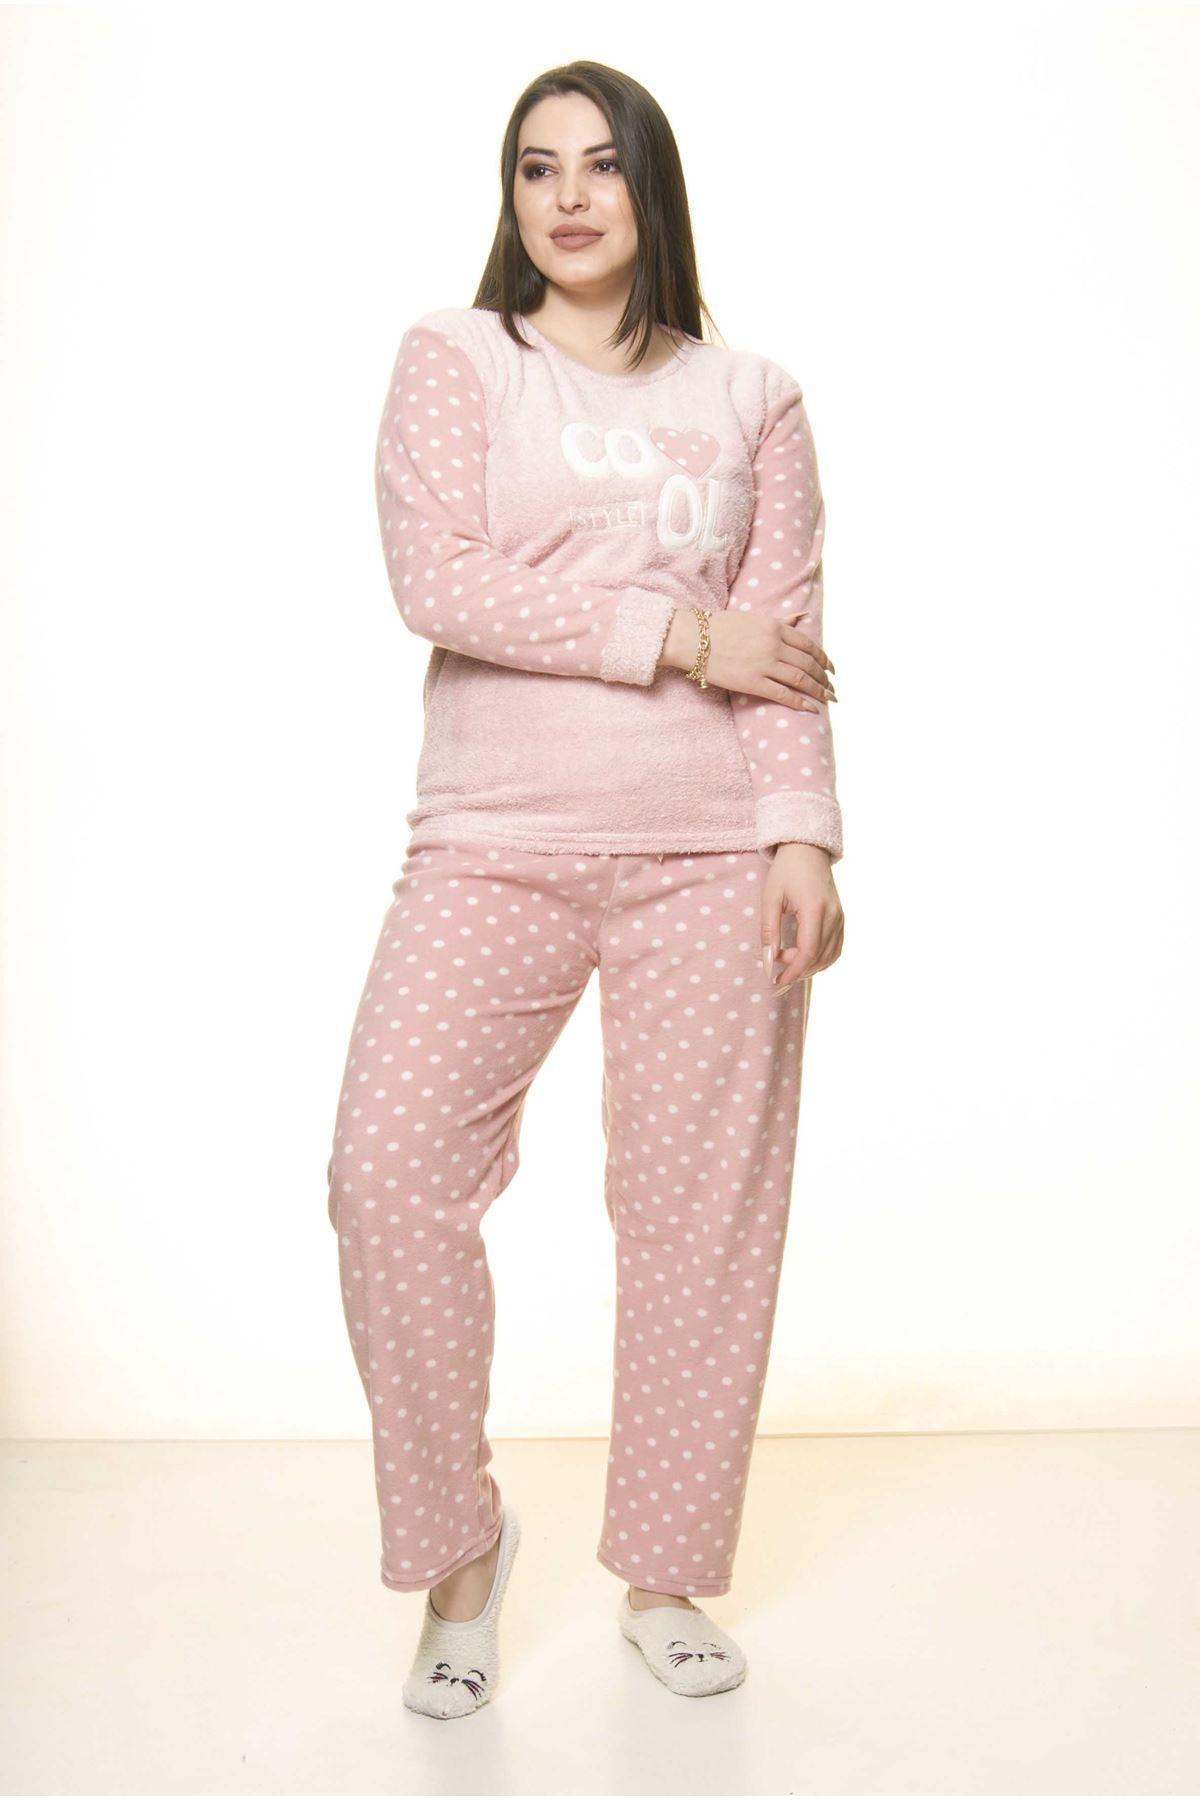 Polar Peluş Kışlık Pijama Takımı 32C-1512